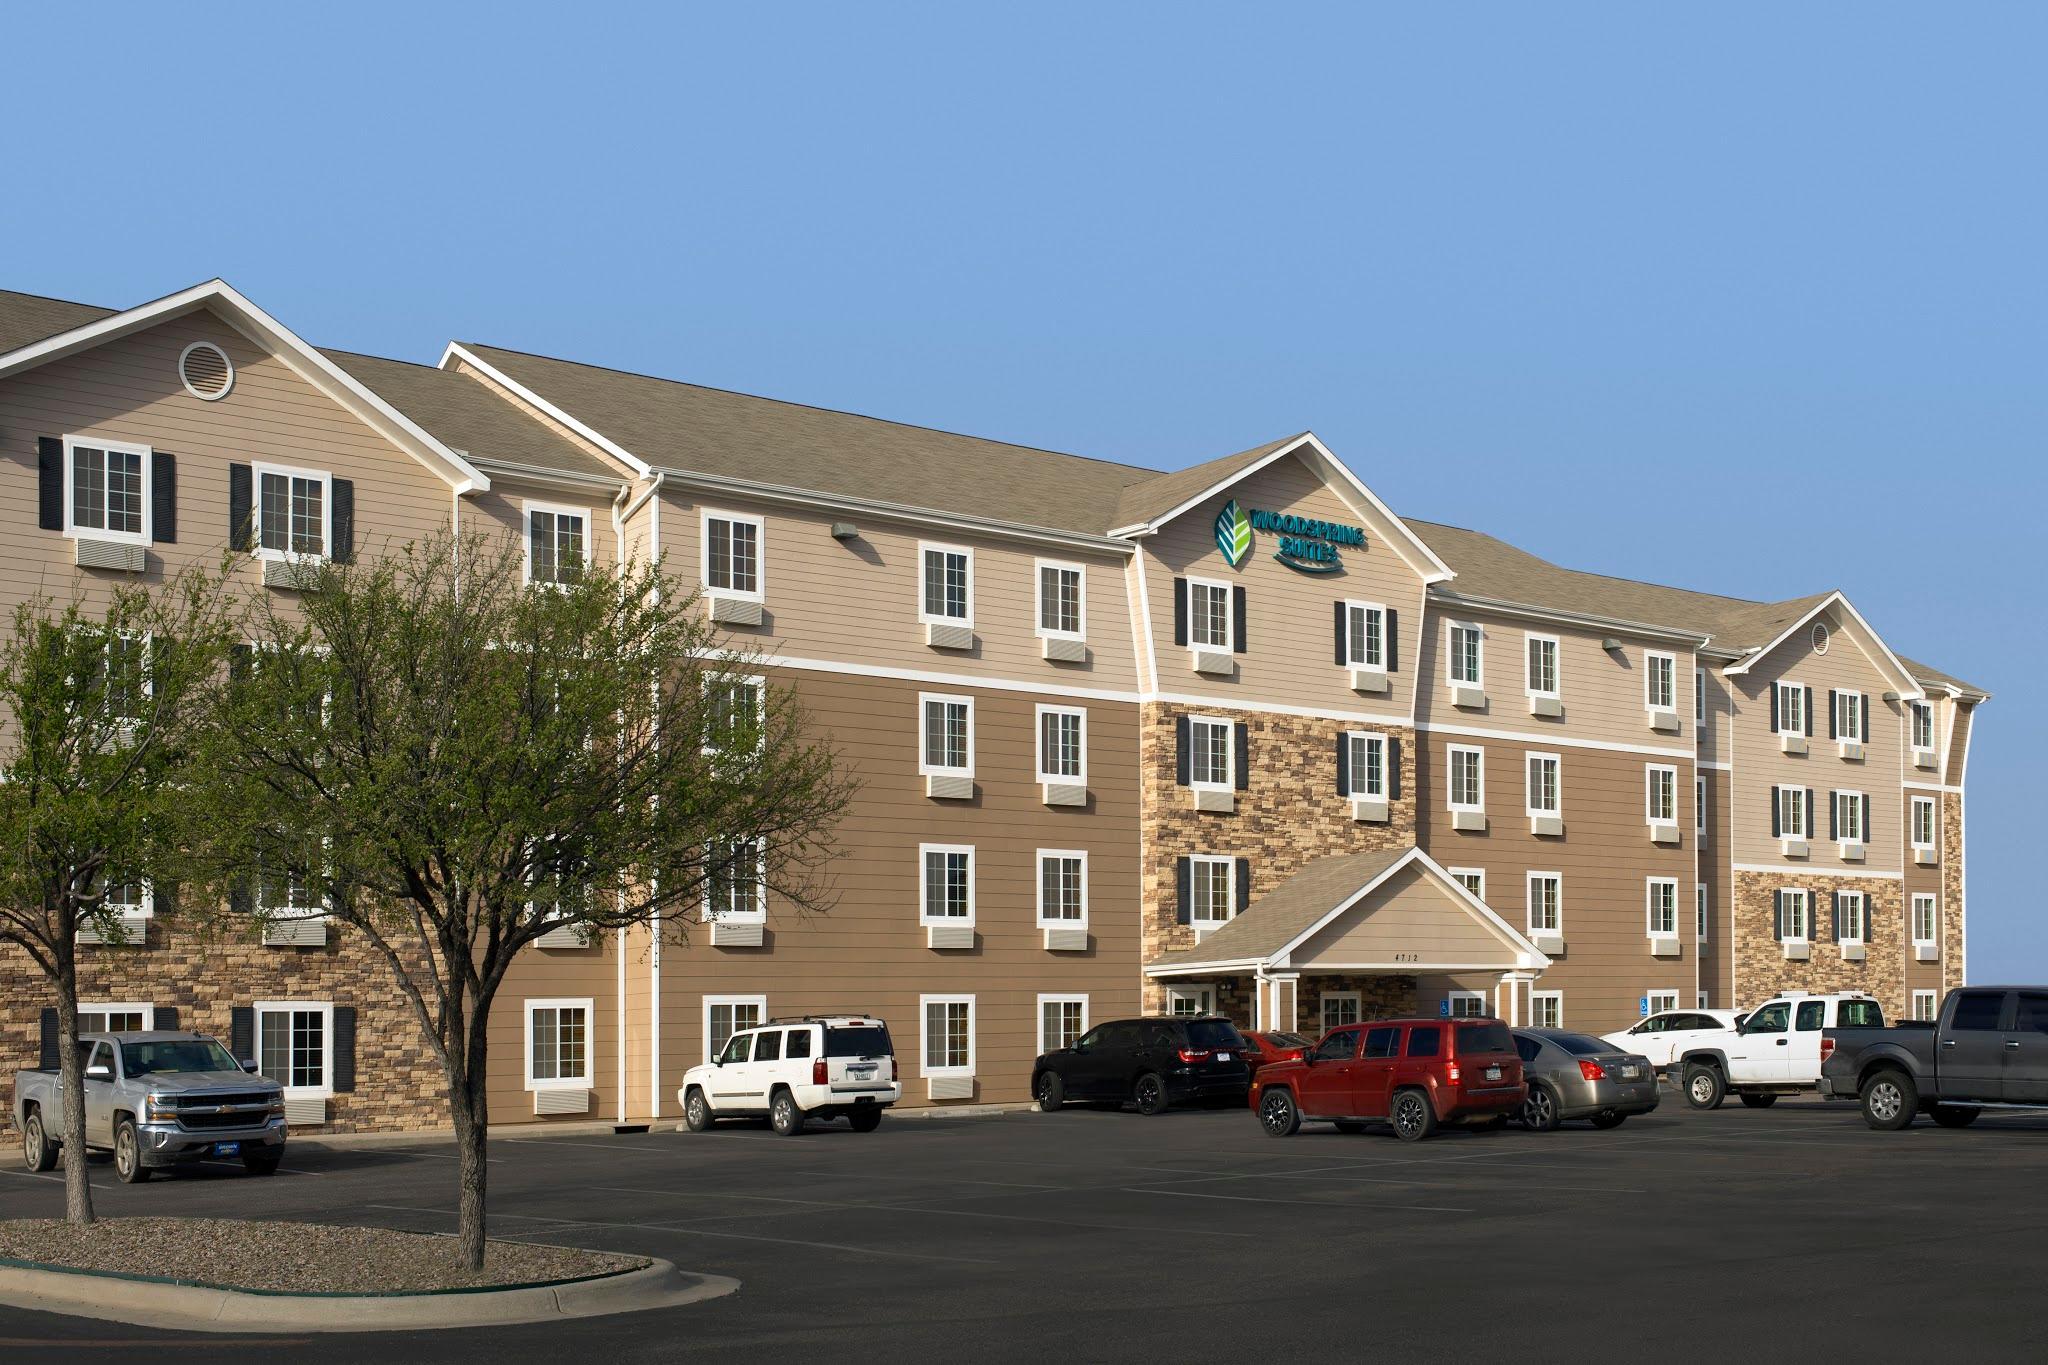 WoodSpring Suites Midland image 0